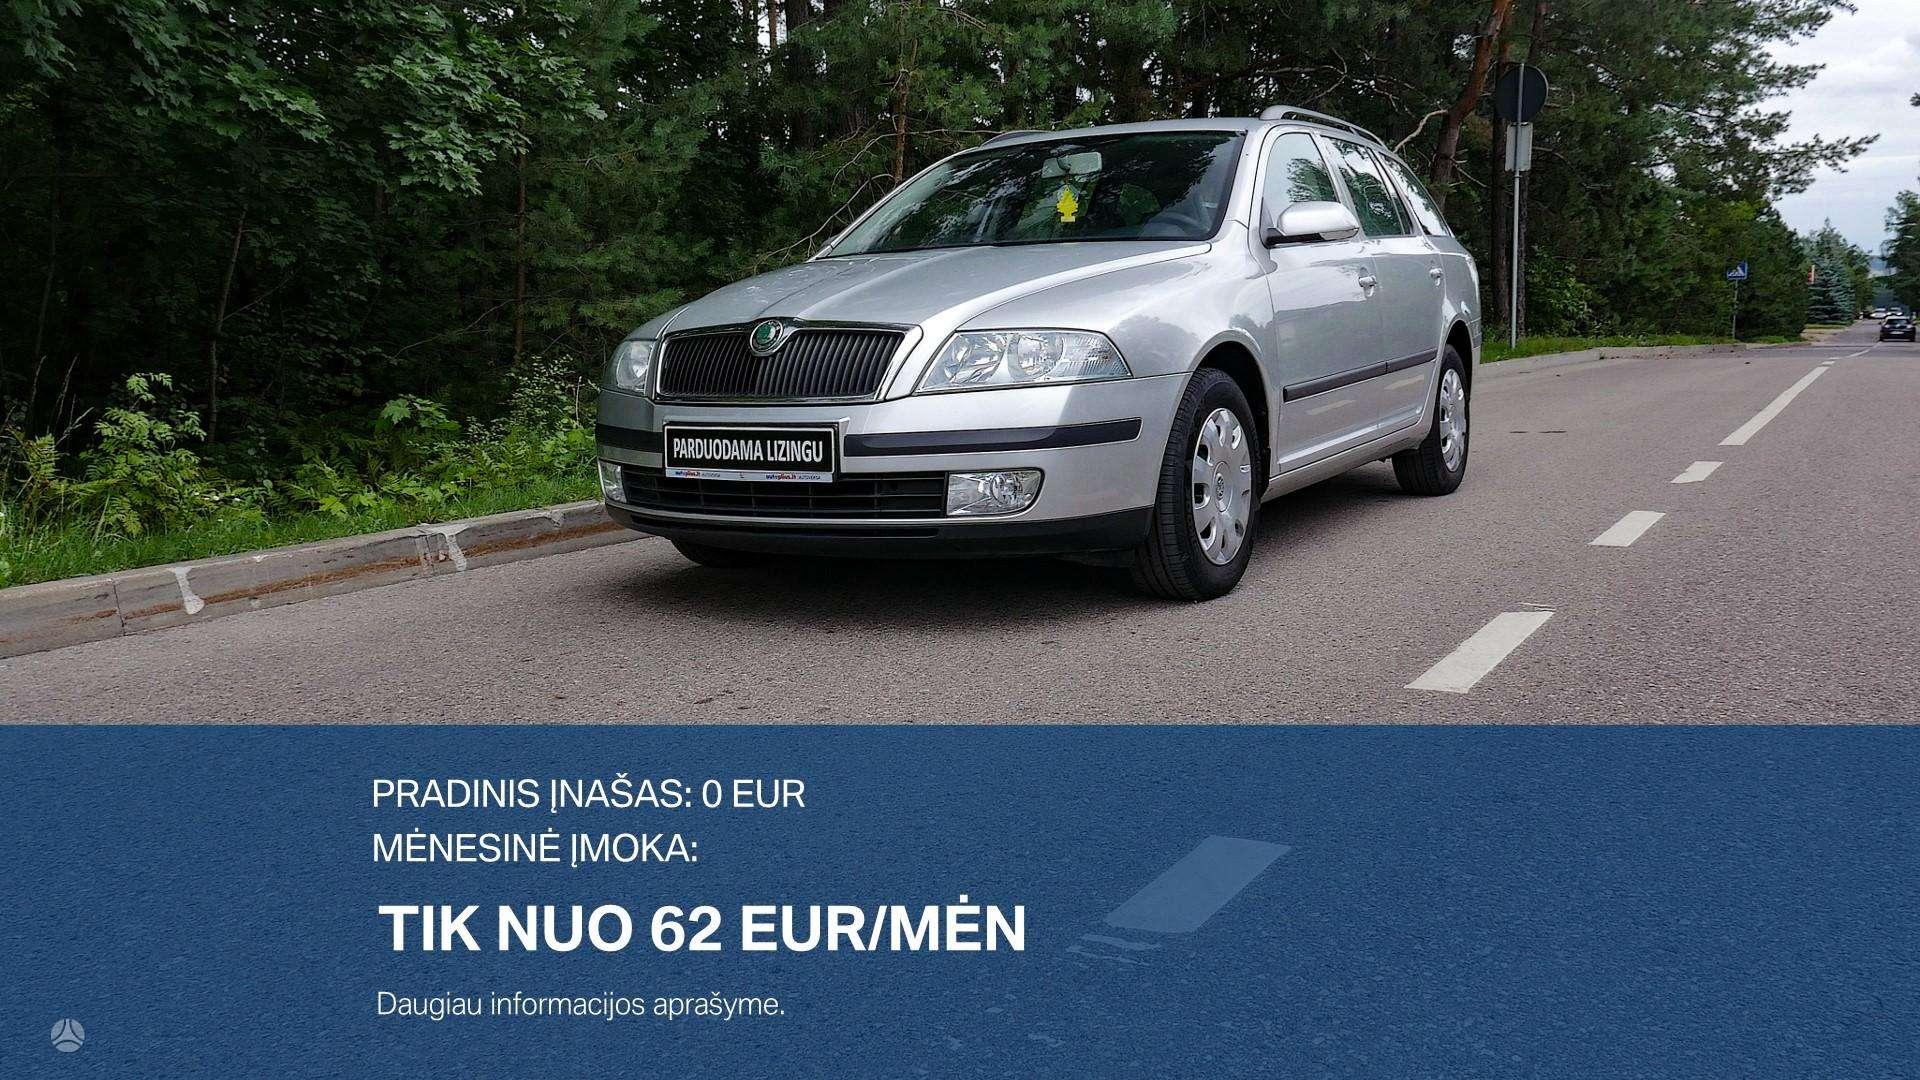 Skoda Octavia Išsimokėtinai nuo 62Eur/Mėn su 3 mėnesių garantija